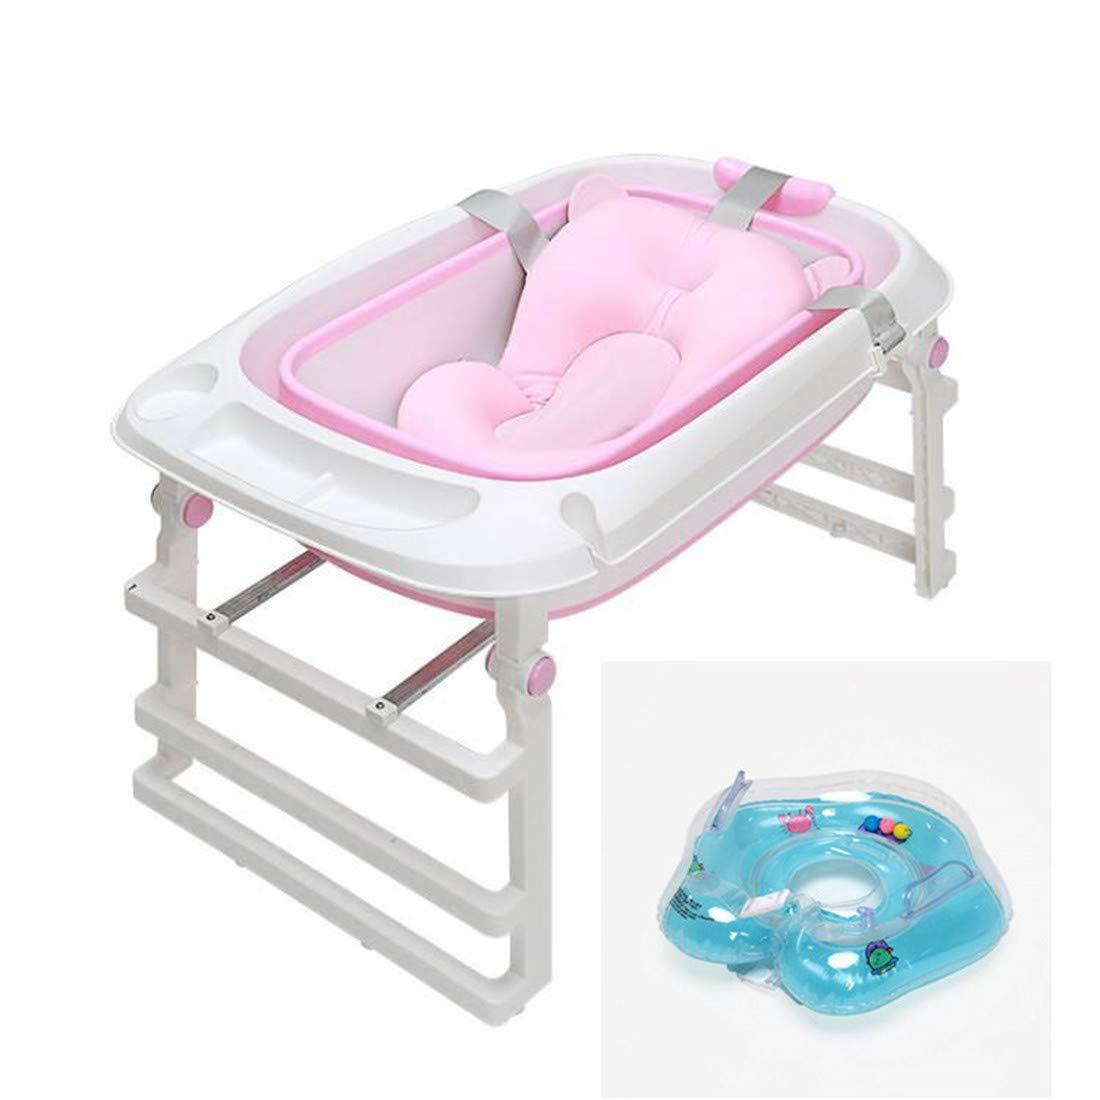 簡易浴槽 折畳み浴槽 バスタブプール 浴槽 お風呂の浴槽 子供用プール ベビーバス 赤ちゃん ベビーバスタブ 三段階+ベビー用 浮き輪+ベビーバスマット(85*45*51cm)1-16歳  pink B07SFHB98L